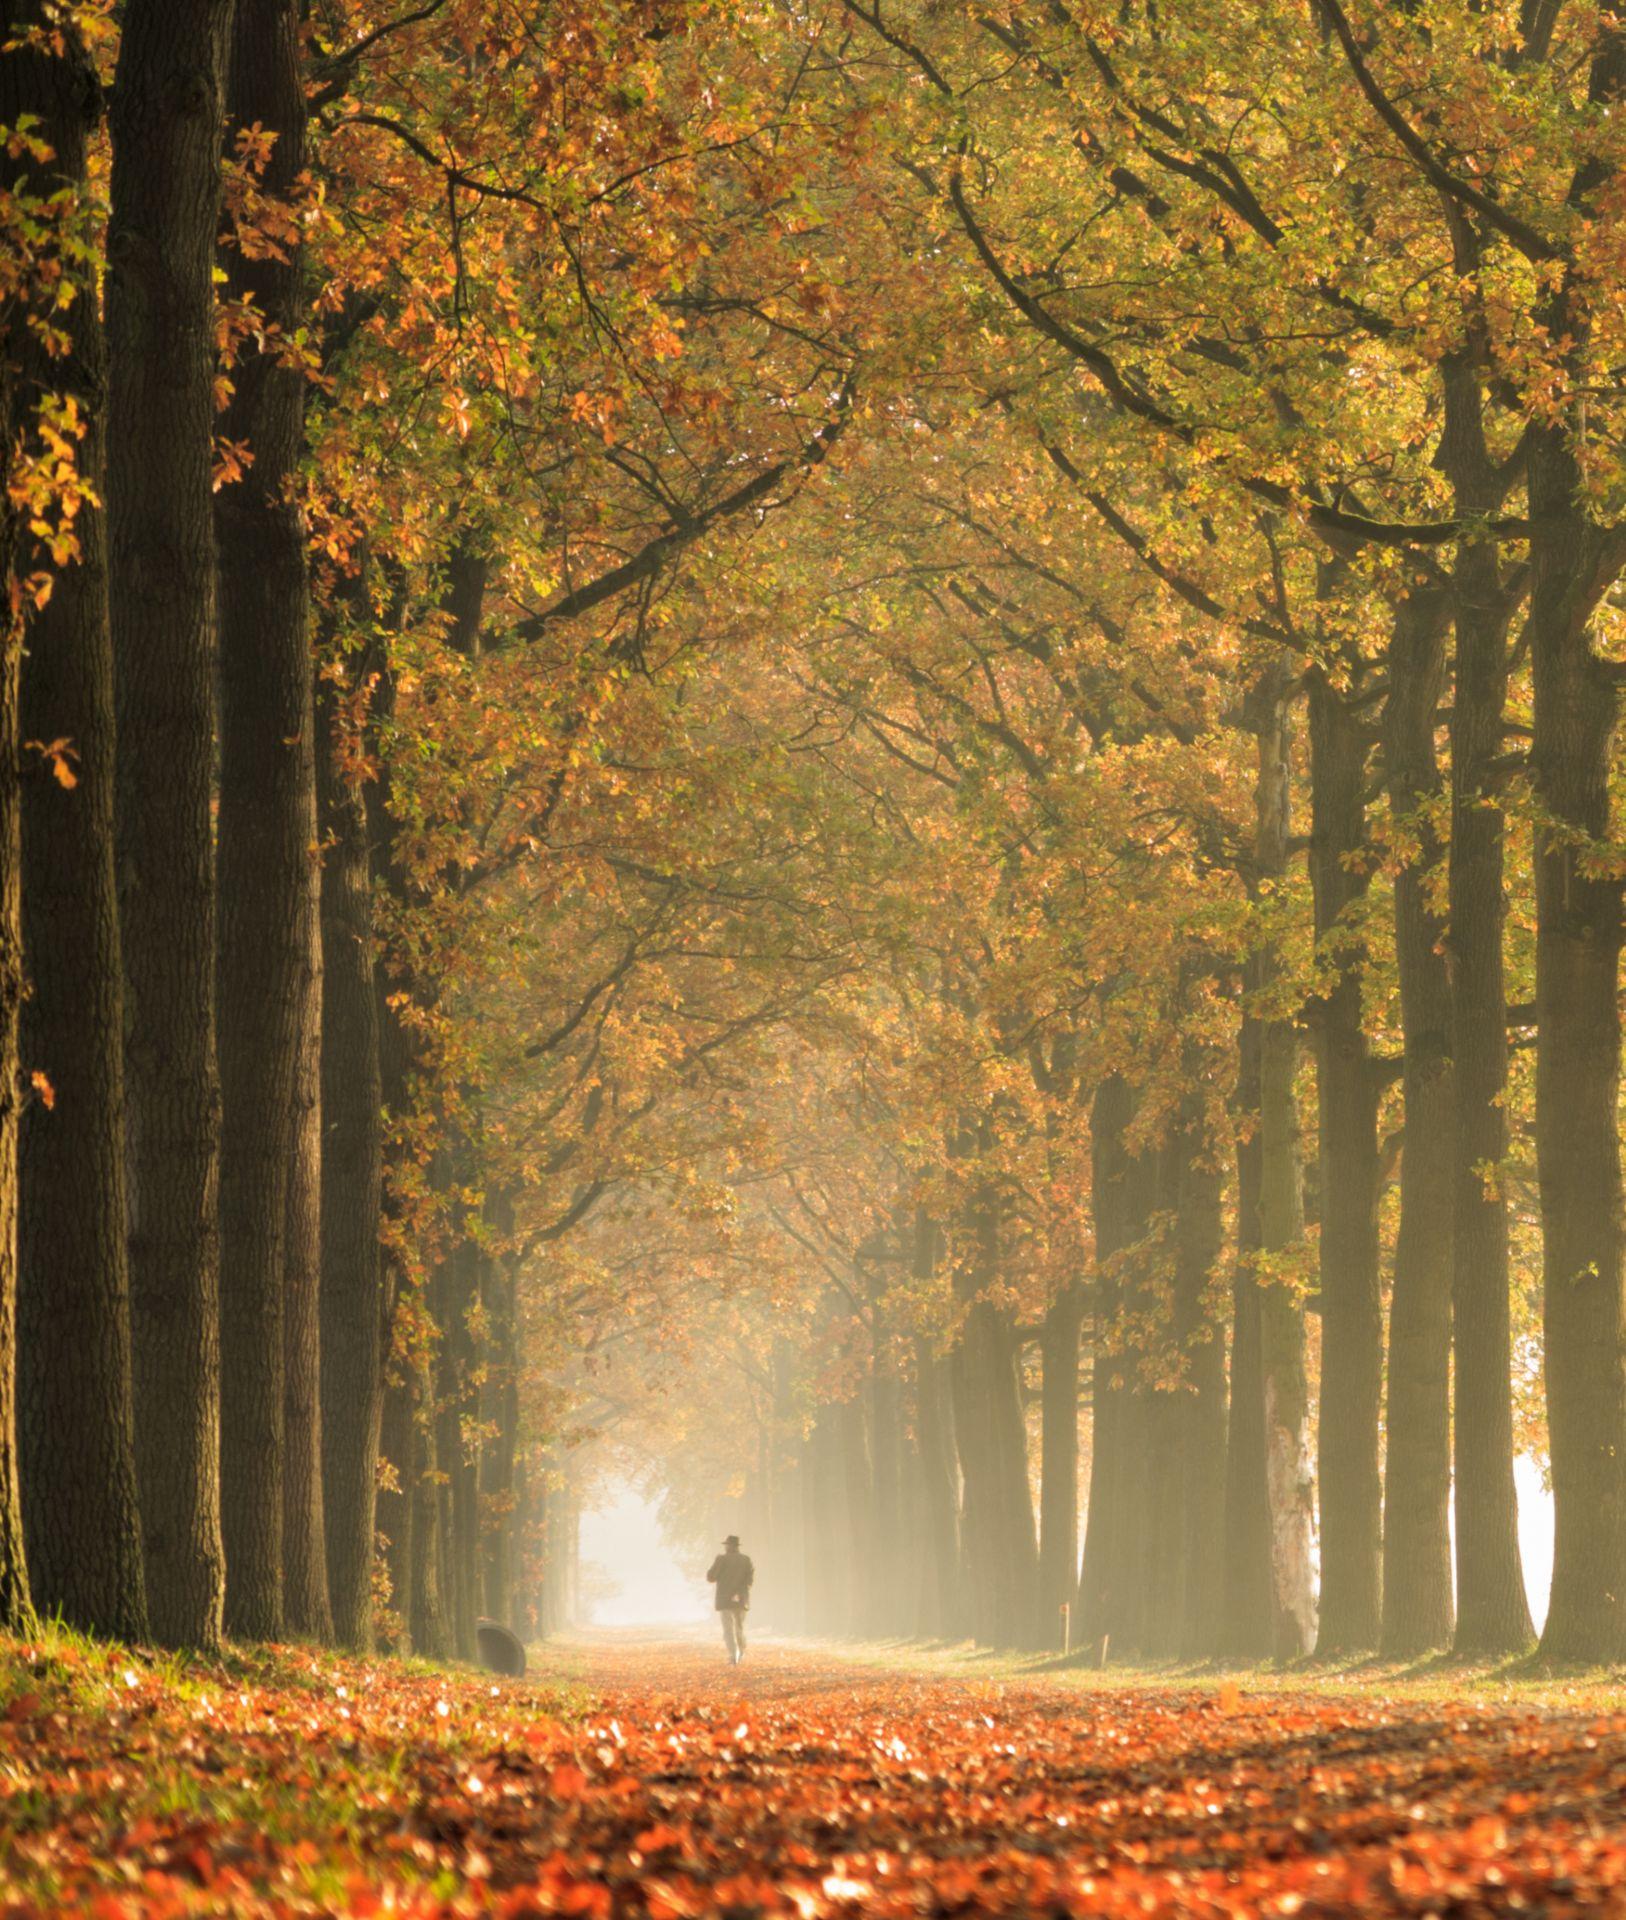 man walking through autmunal woodland